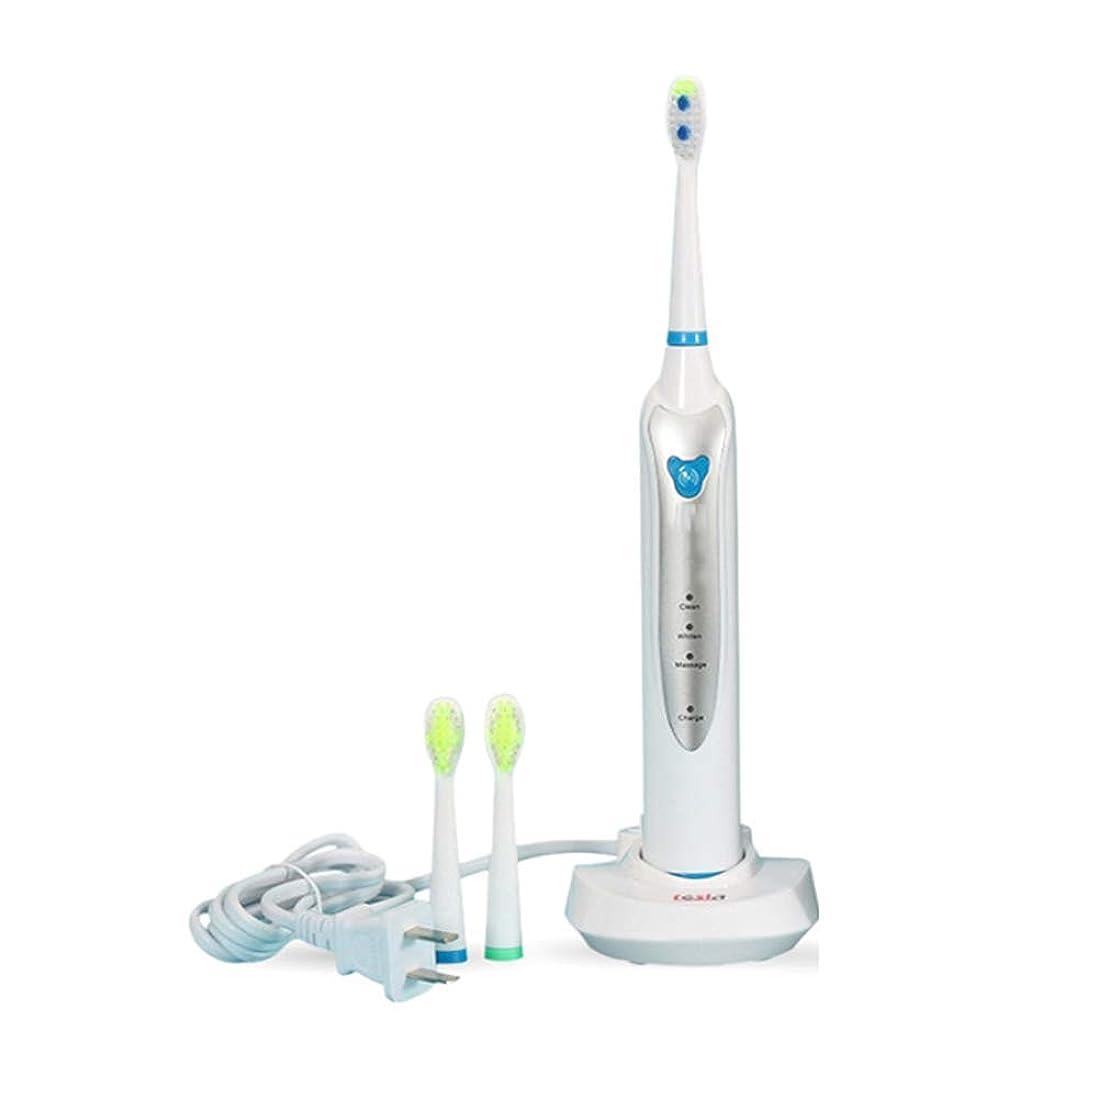 空虚どちらもすり減る3つのクリーニングモードの誘導の再充電可能な電動歯ブラシIPX7の防水音波の歯ブラシ押しボタンの大人の電動歯ブラシ,White